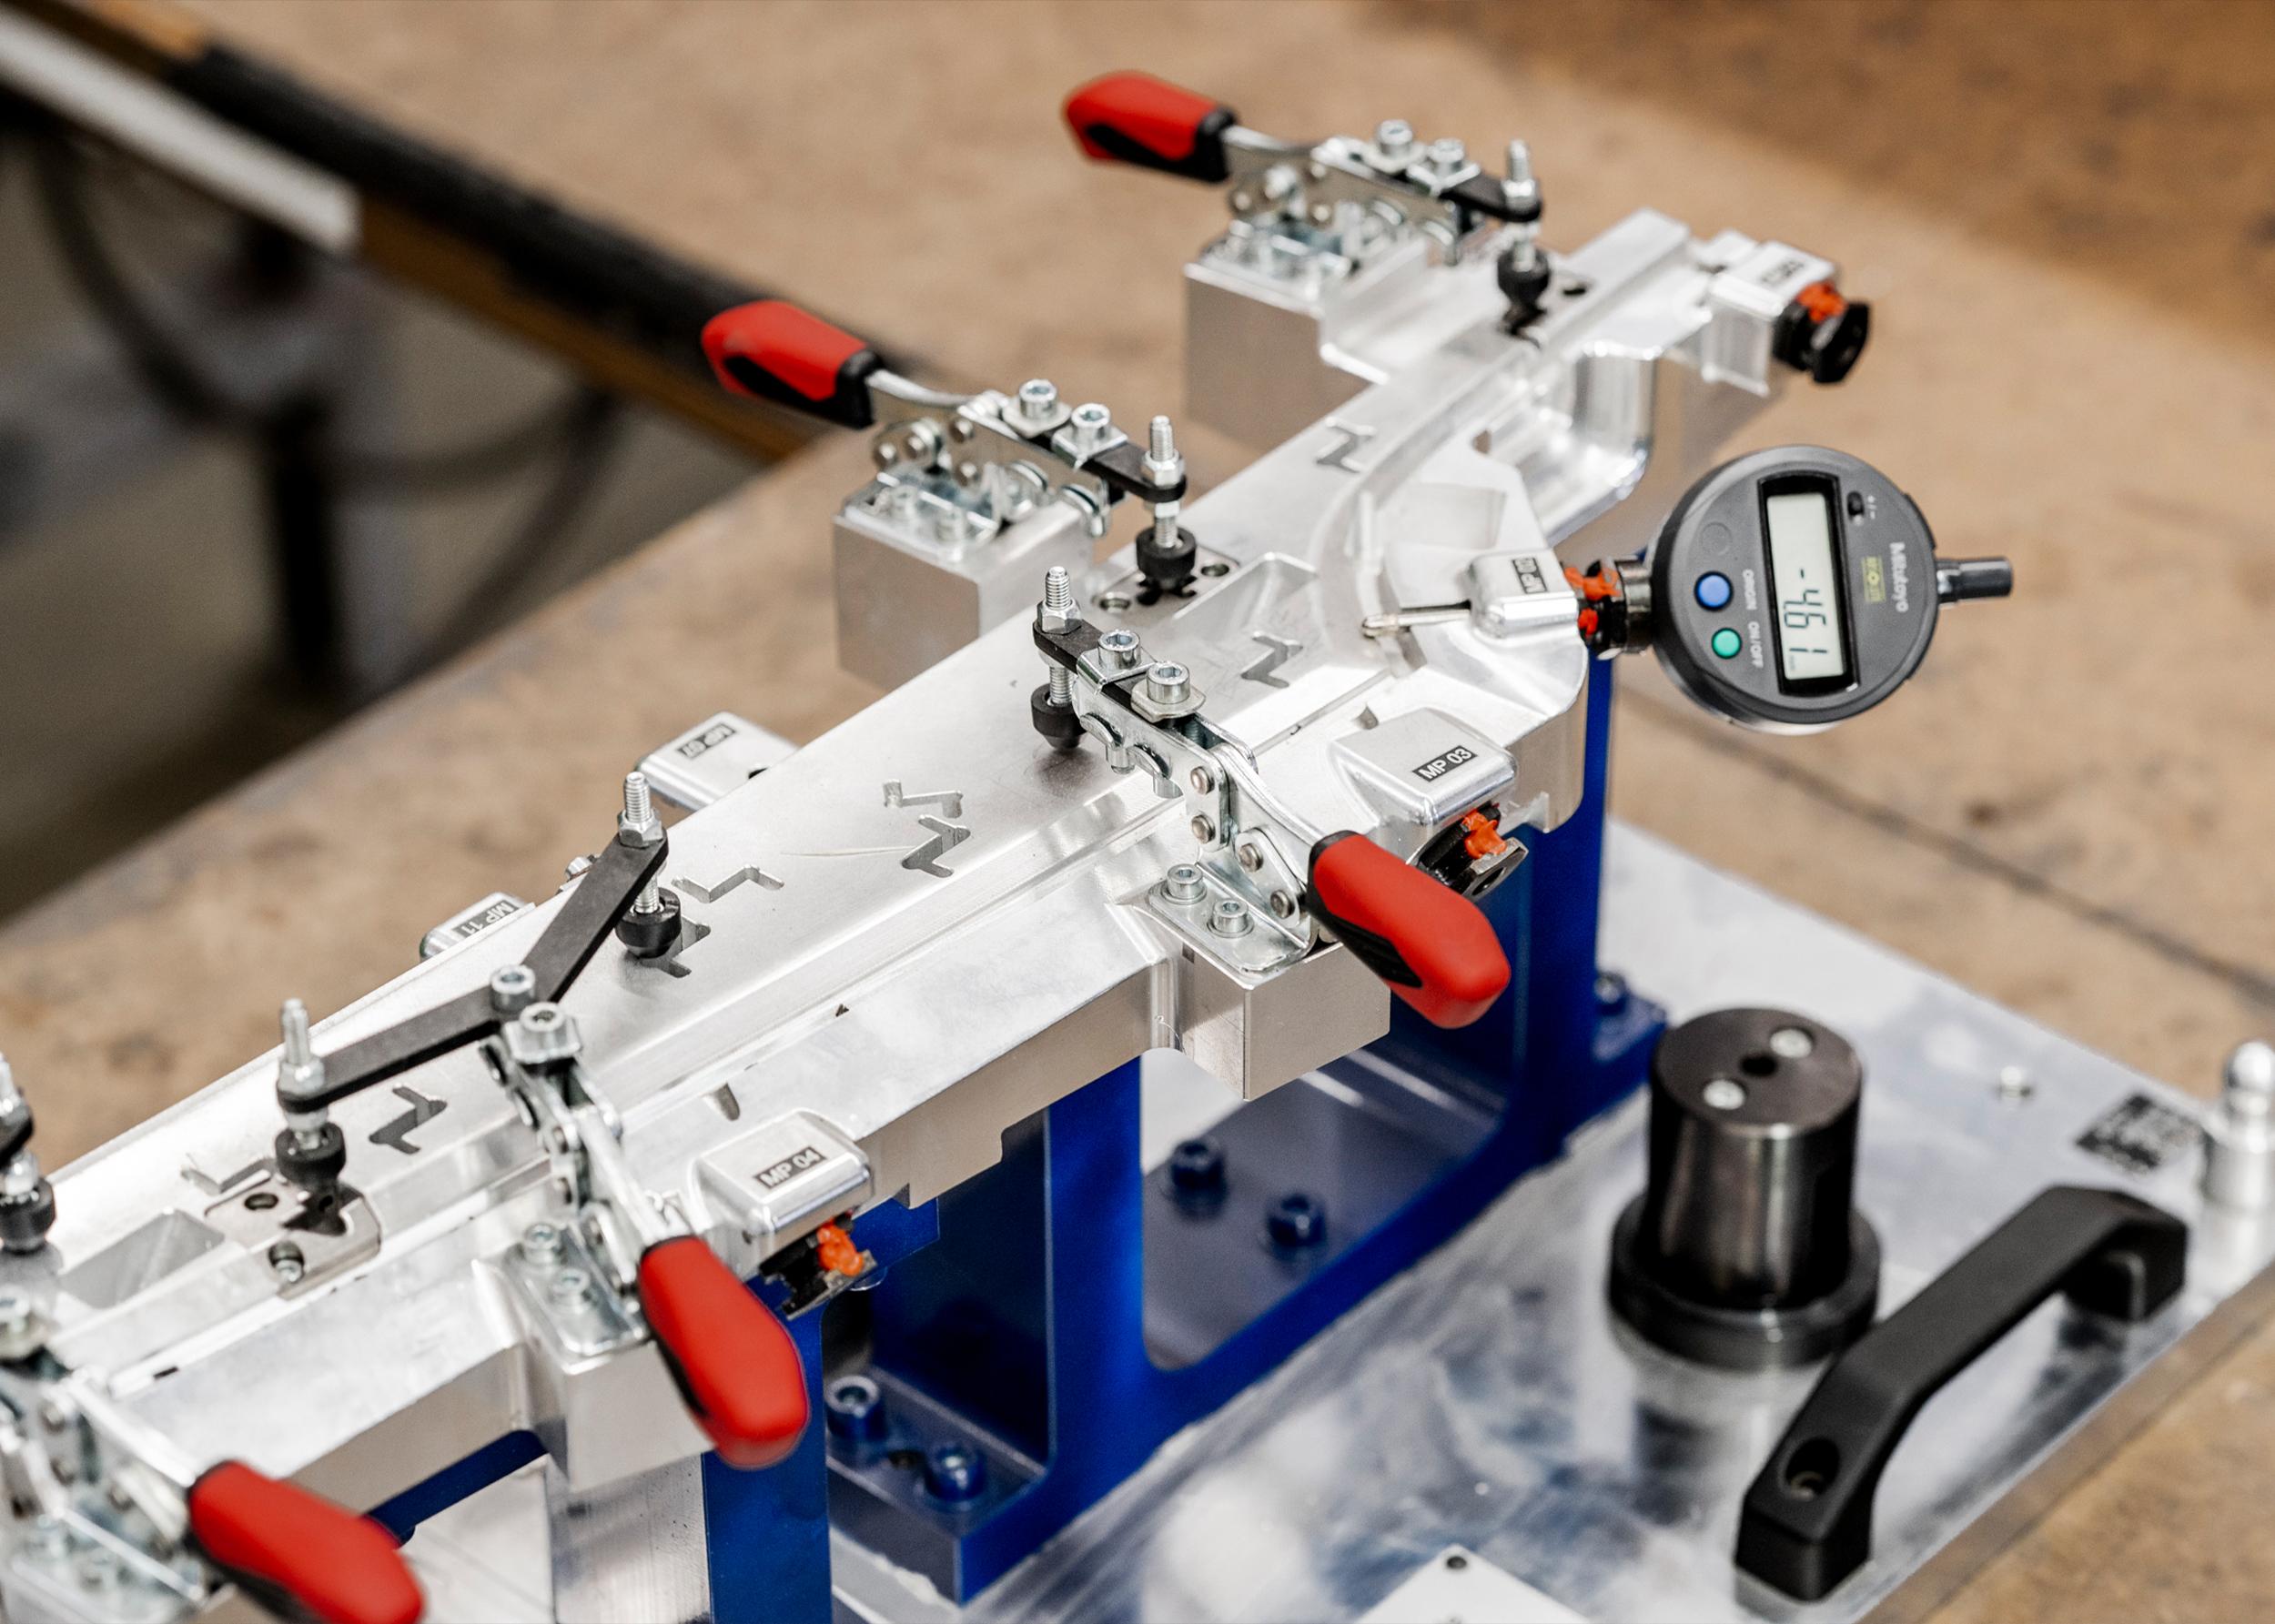 Werkzeug_Vorrichtungsbau_3